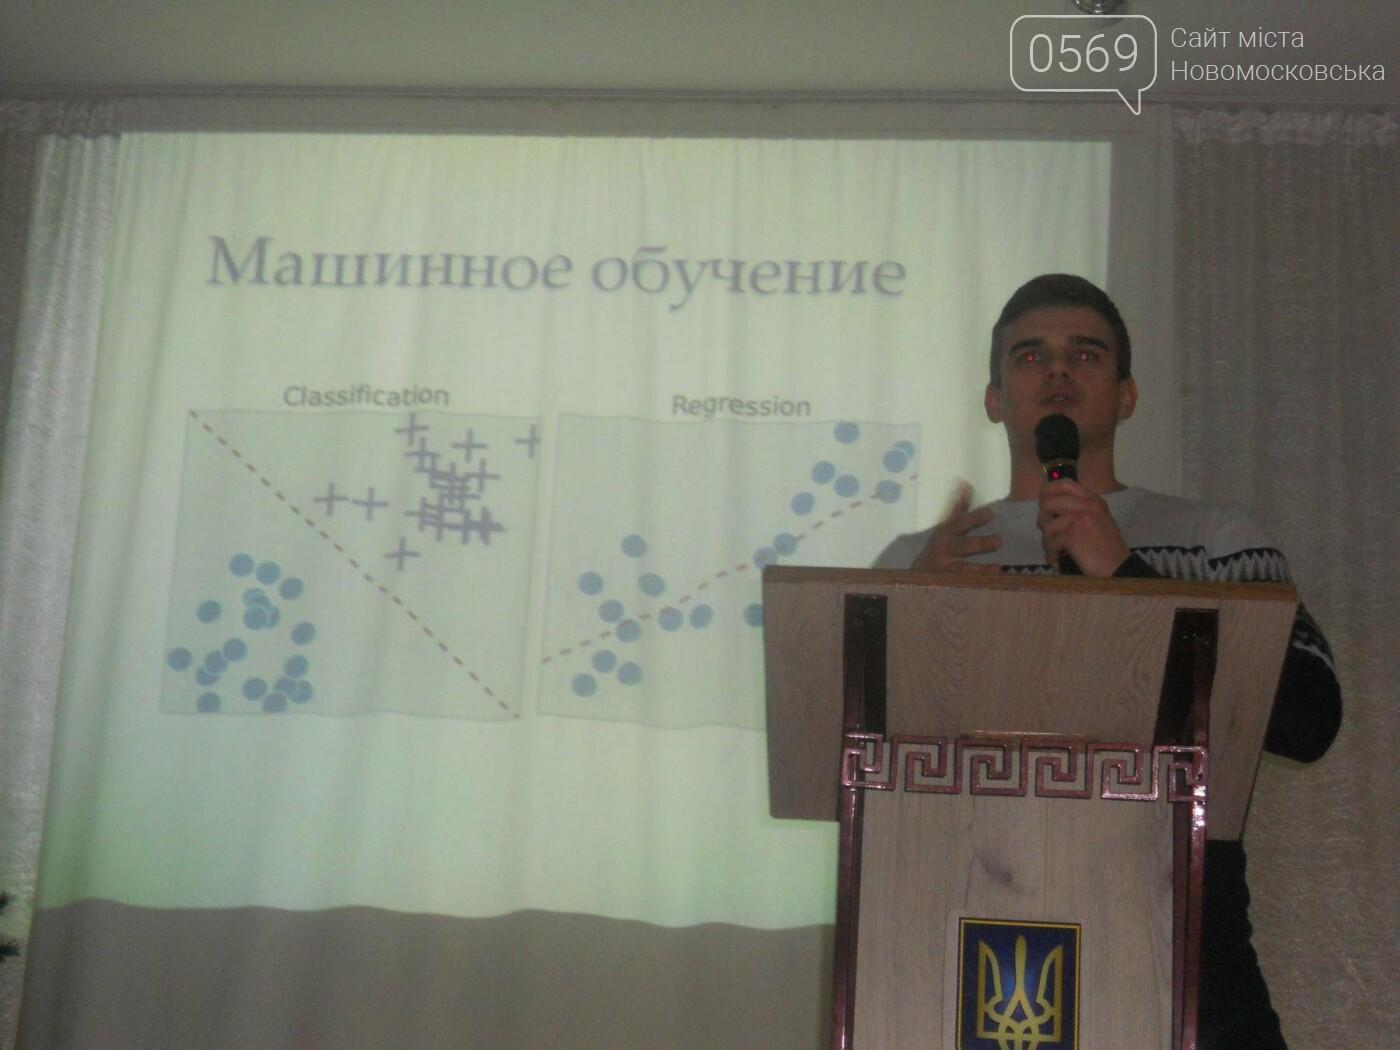 Новомосковські ліцеїсти долучилися до міжнародного проекту, фото-2